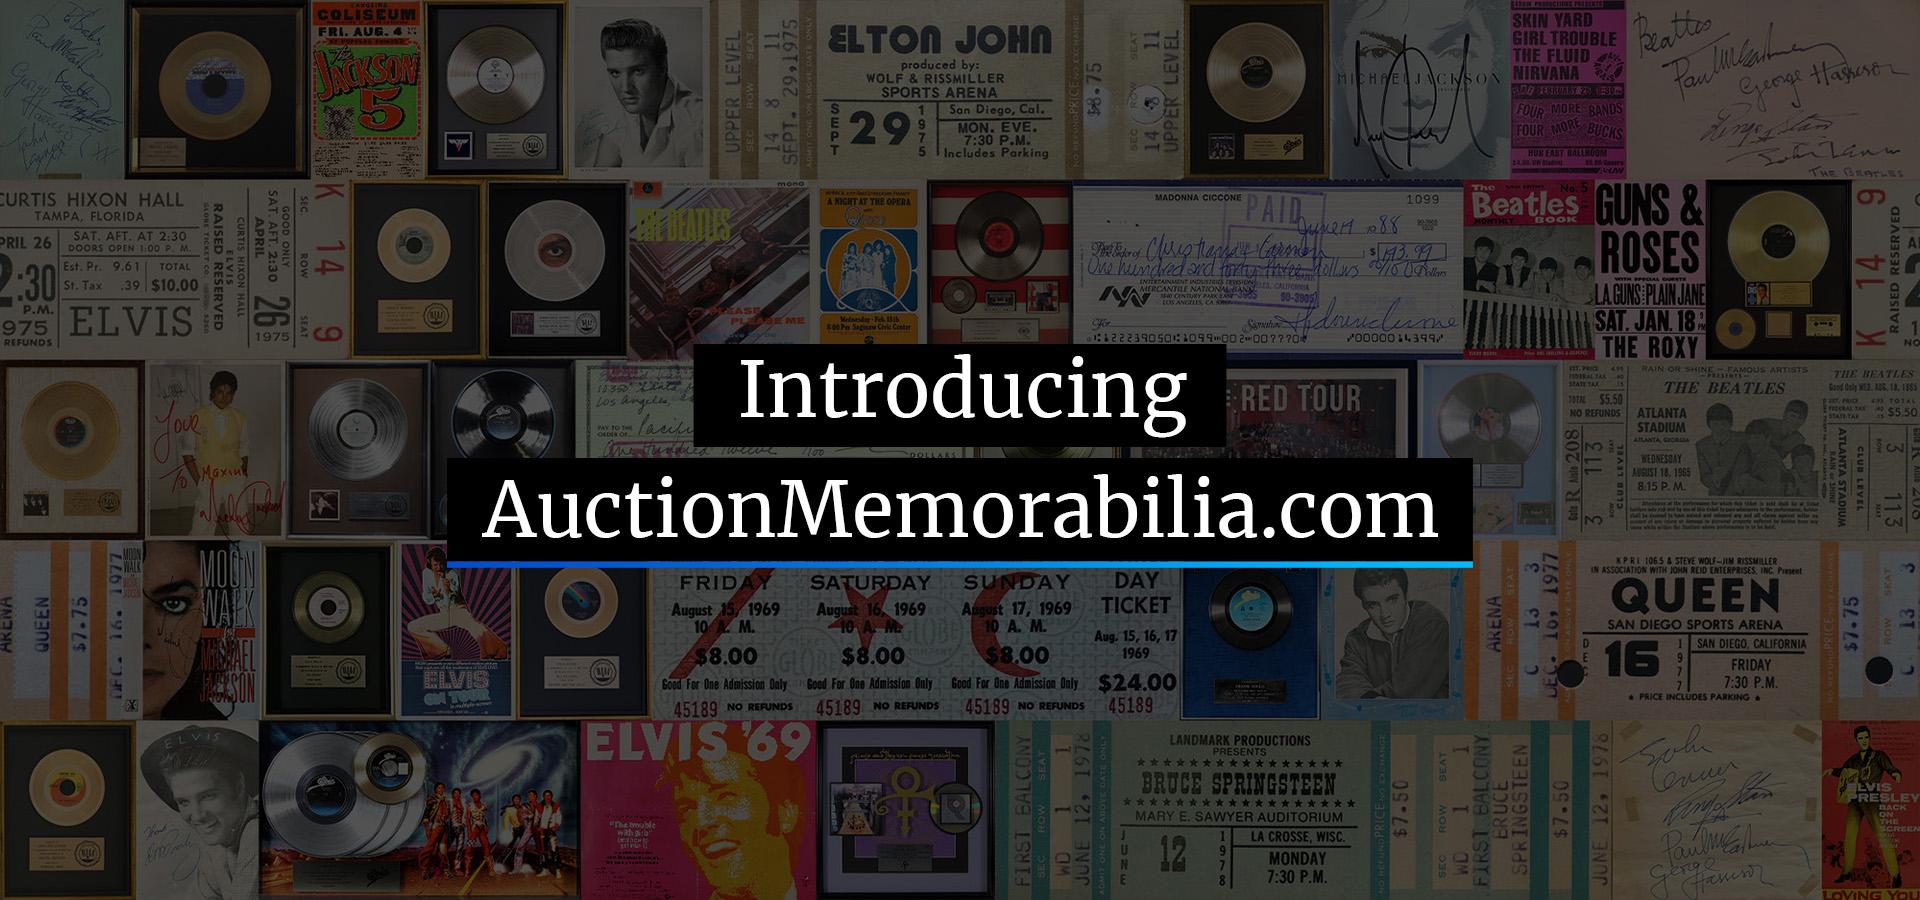 Introducing AuctionMemorabilia.com